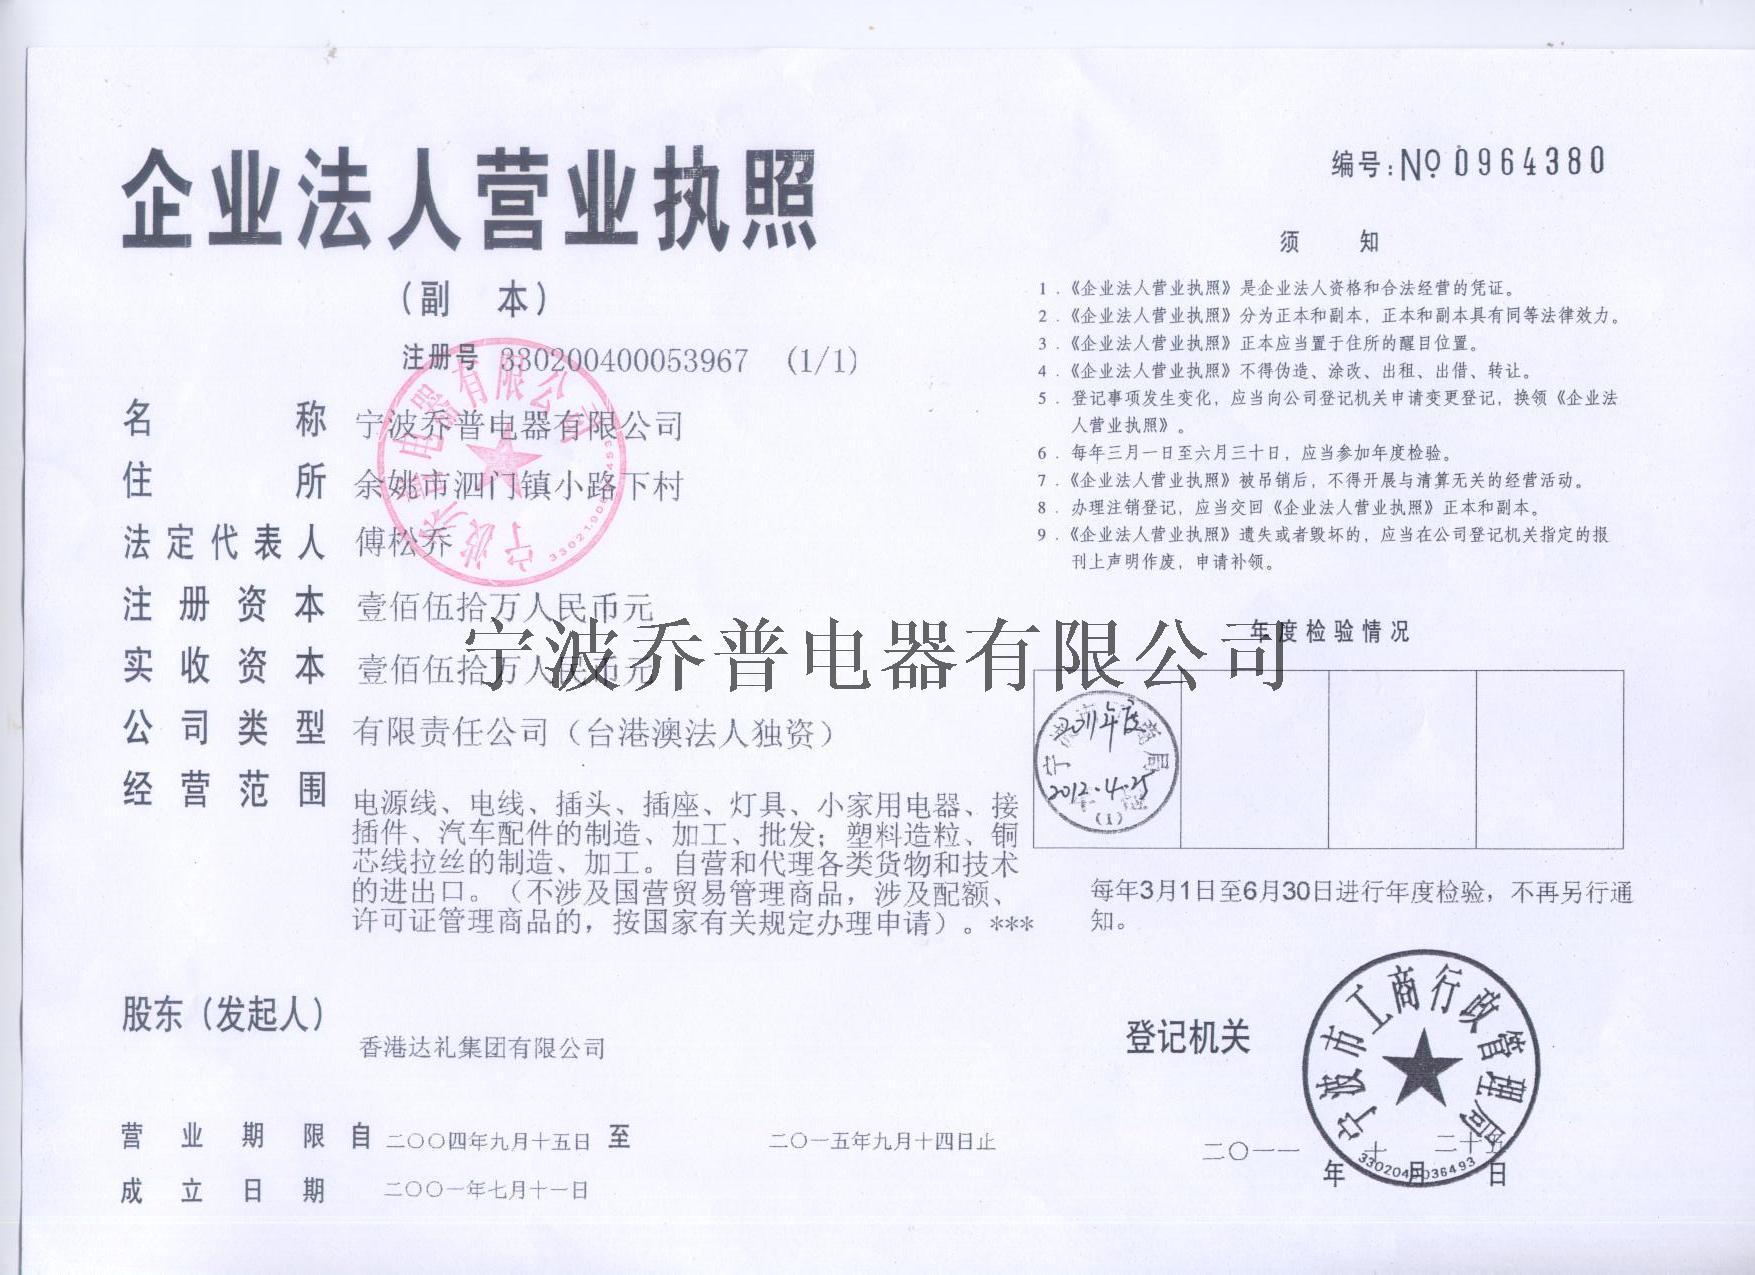 年审营业执照 宁波乔普电器有限公司营业执照